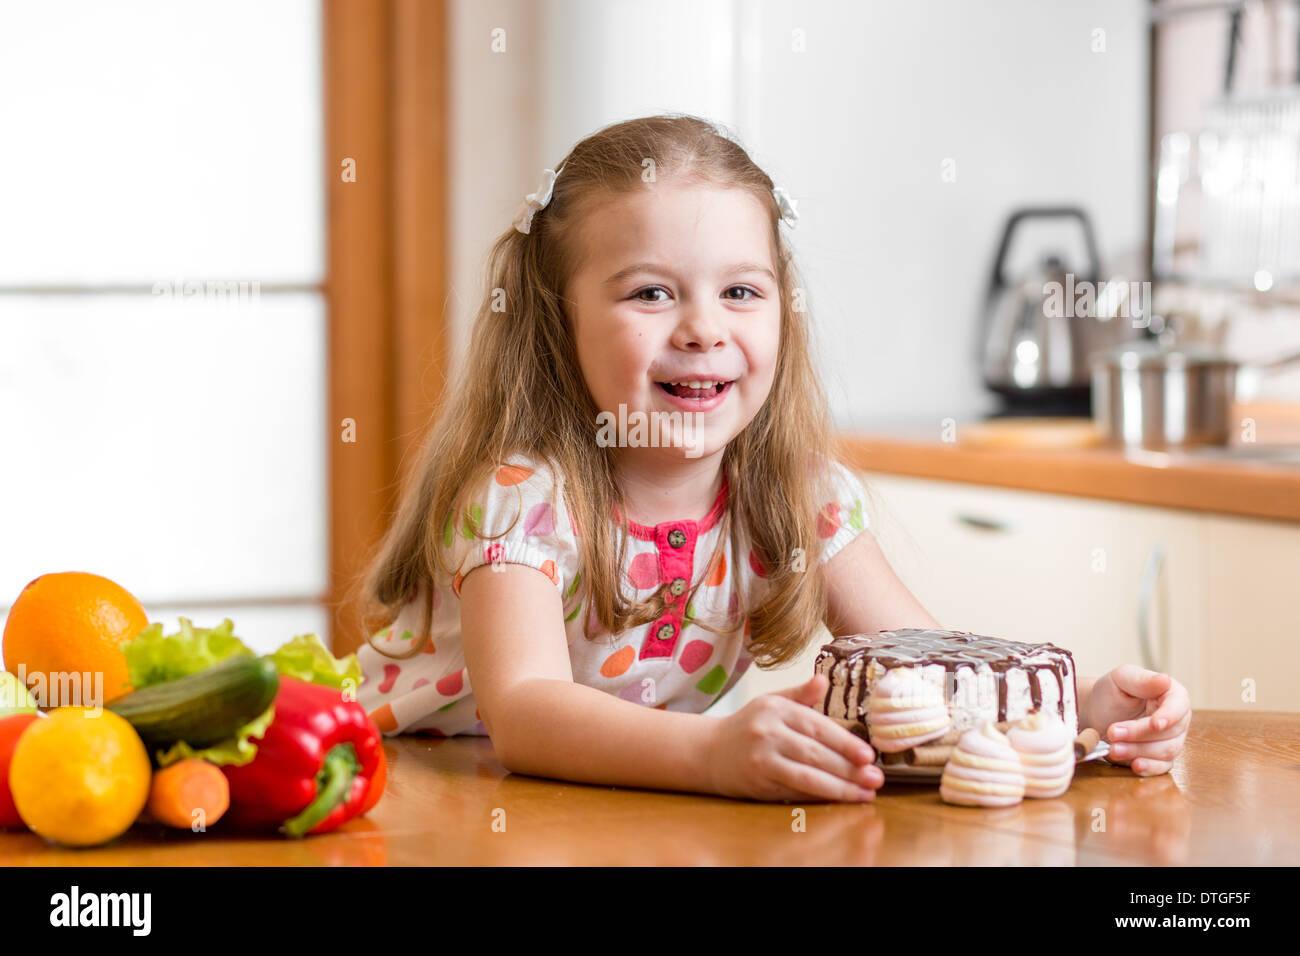 kid choosing between healthy vegetables and tasty sweets - Stock Image